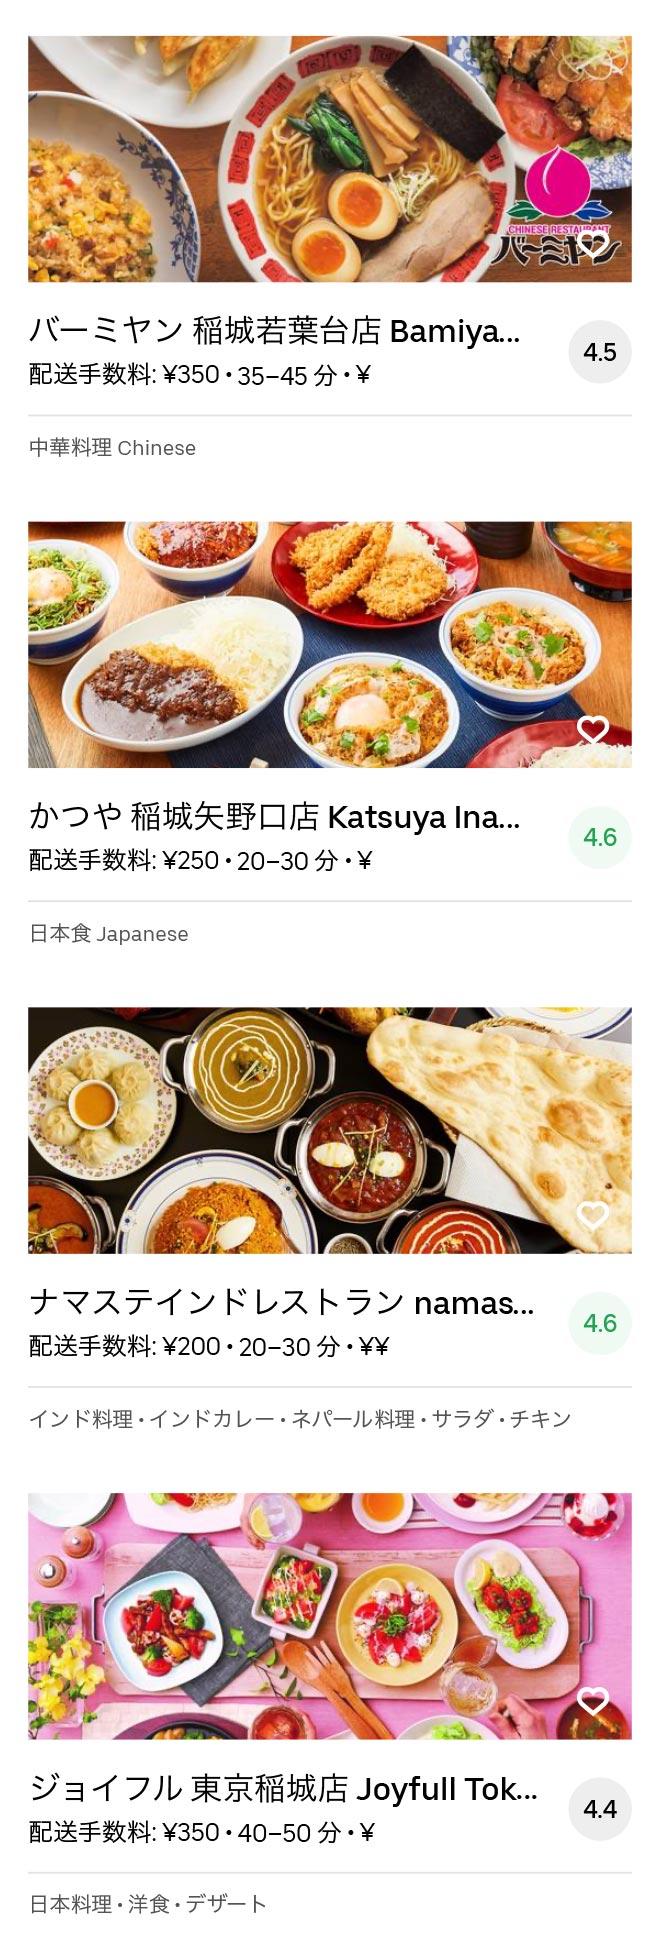 Inagi menu 2007 06